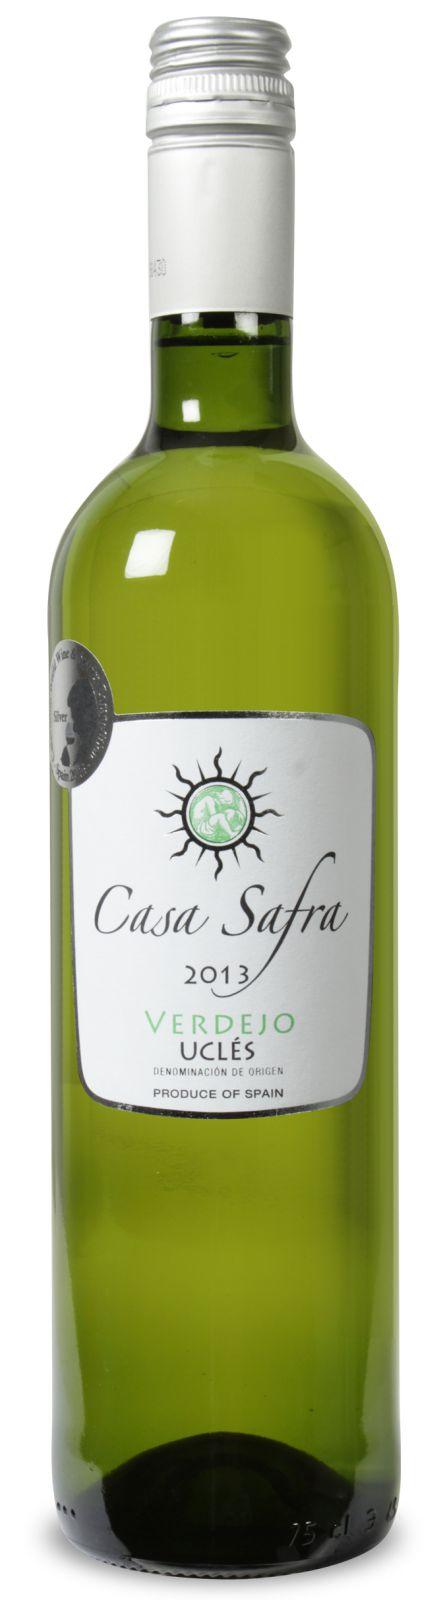 Bild zu 6 Flaschen Casa Safra Verdejo Uclés DO 2013 für 23,94€ inkl. Versand